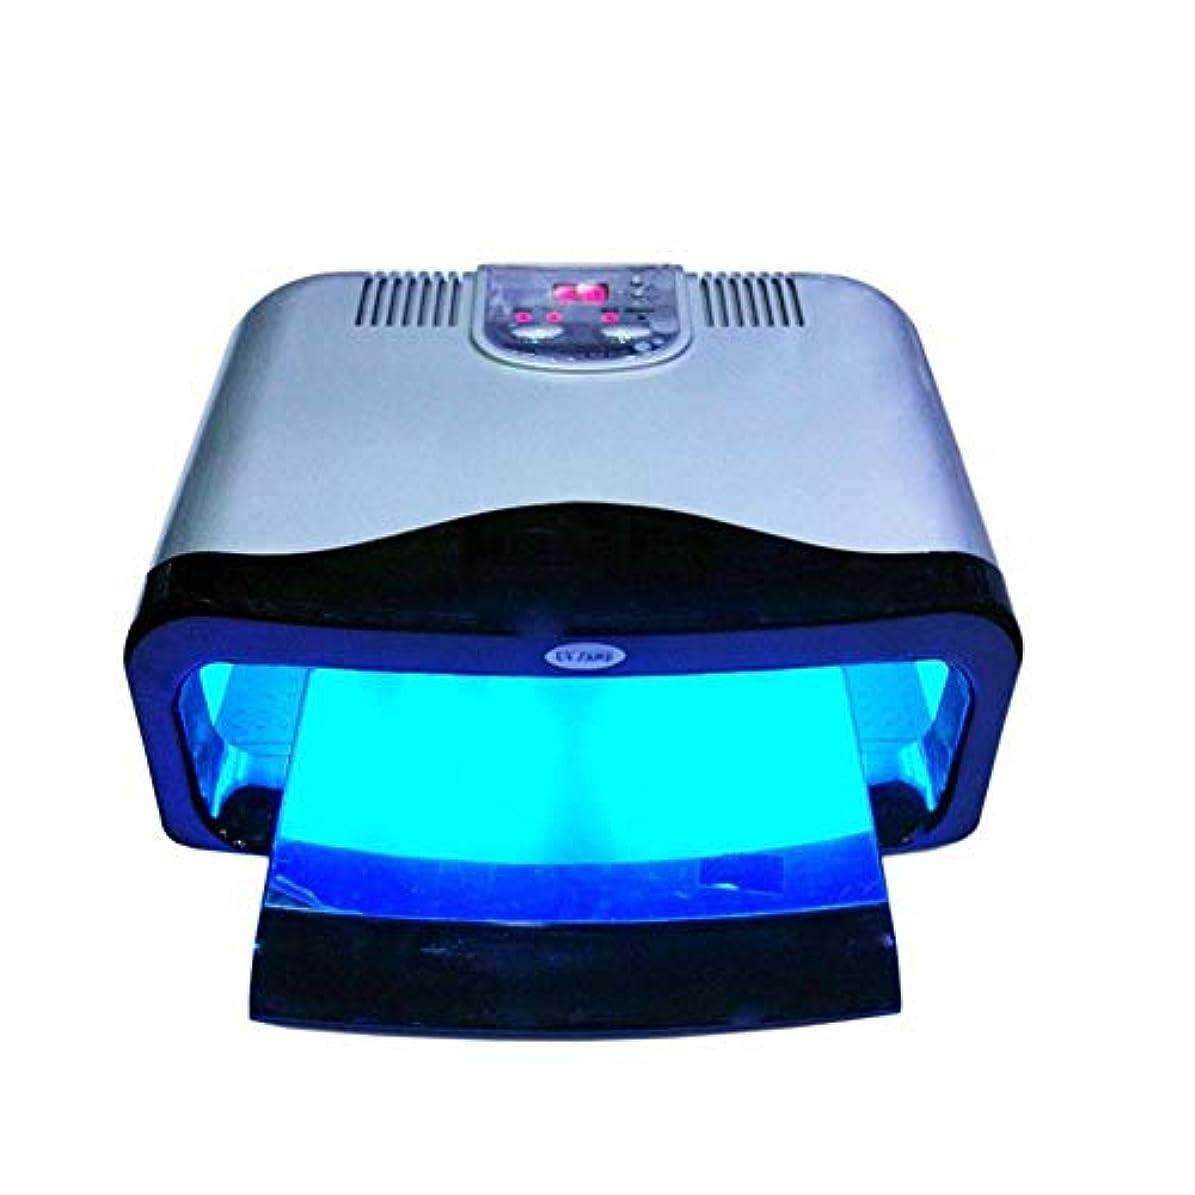 オリエントキネマティクス移住する12W USbMiniネイルドライヤーLED UVランプ硬化用クイックドライジェルネイルポリッシュ硬化ランプLEDレインボーランプ用ネイルアートツールレッド/ローズ/ブラック/ホワイト